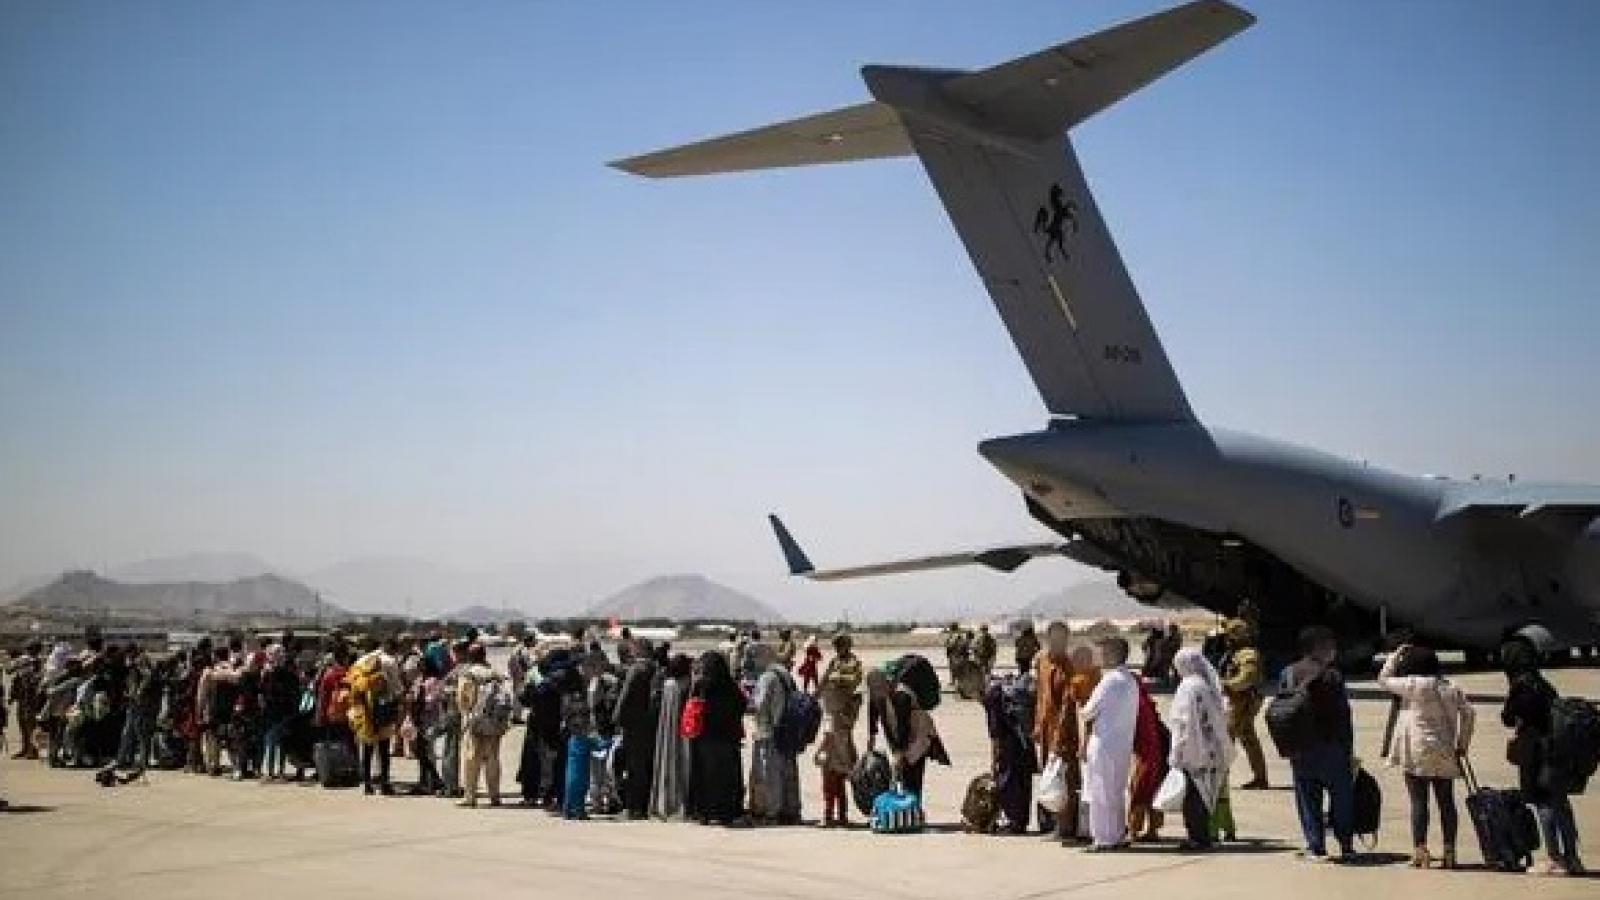 Đức-Anh-Mỹ nói về vấn đề Taliban, IS, sơ tán và hỗ trợ nhân đạo ở Afghanistan